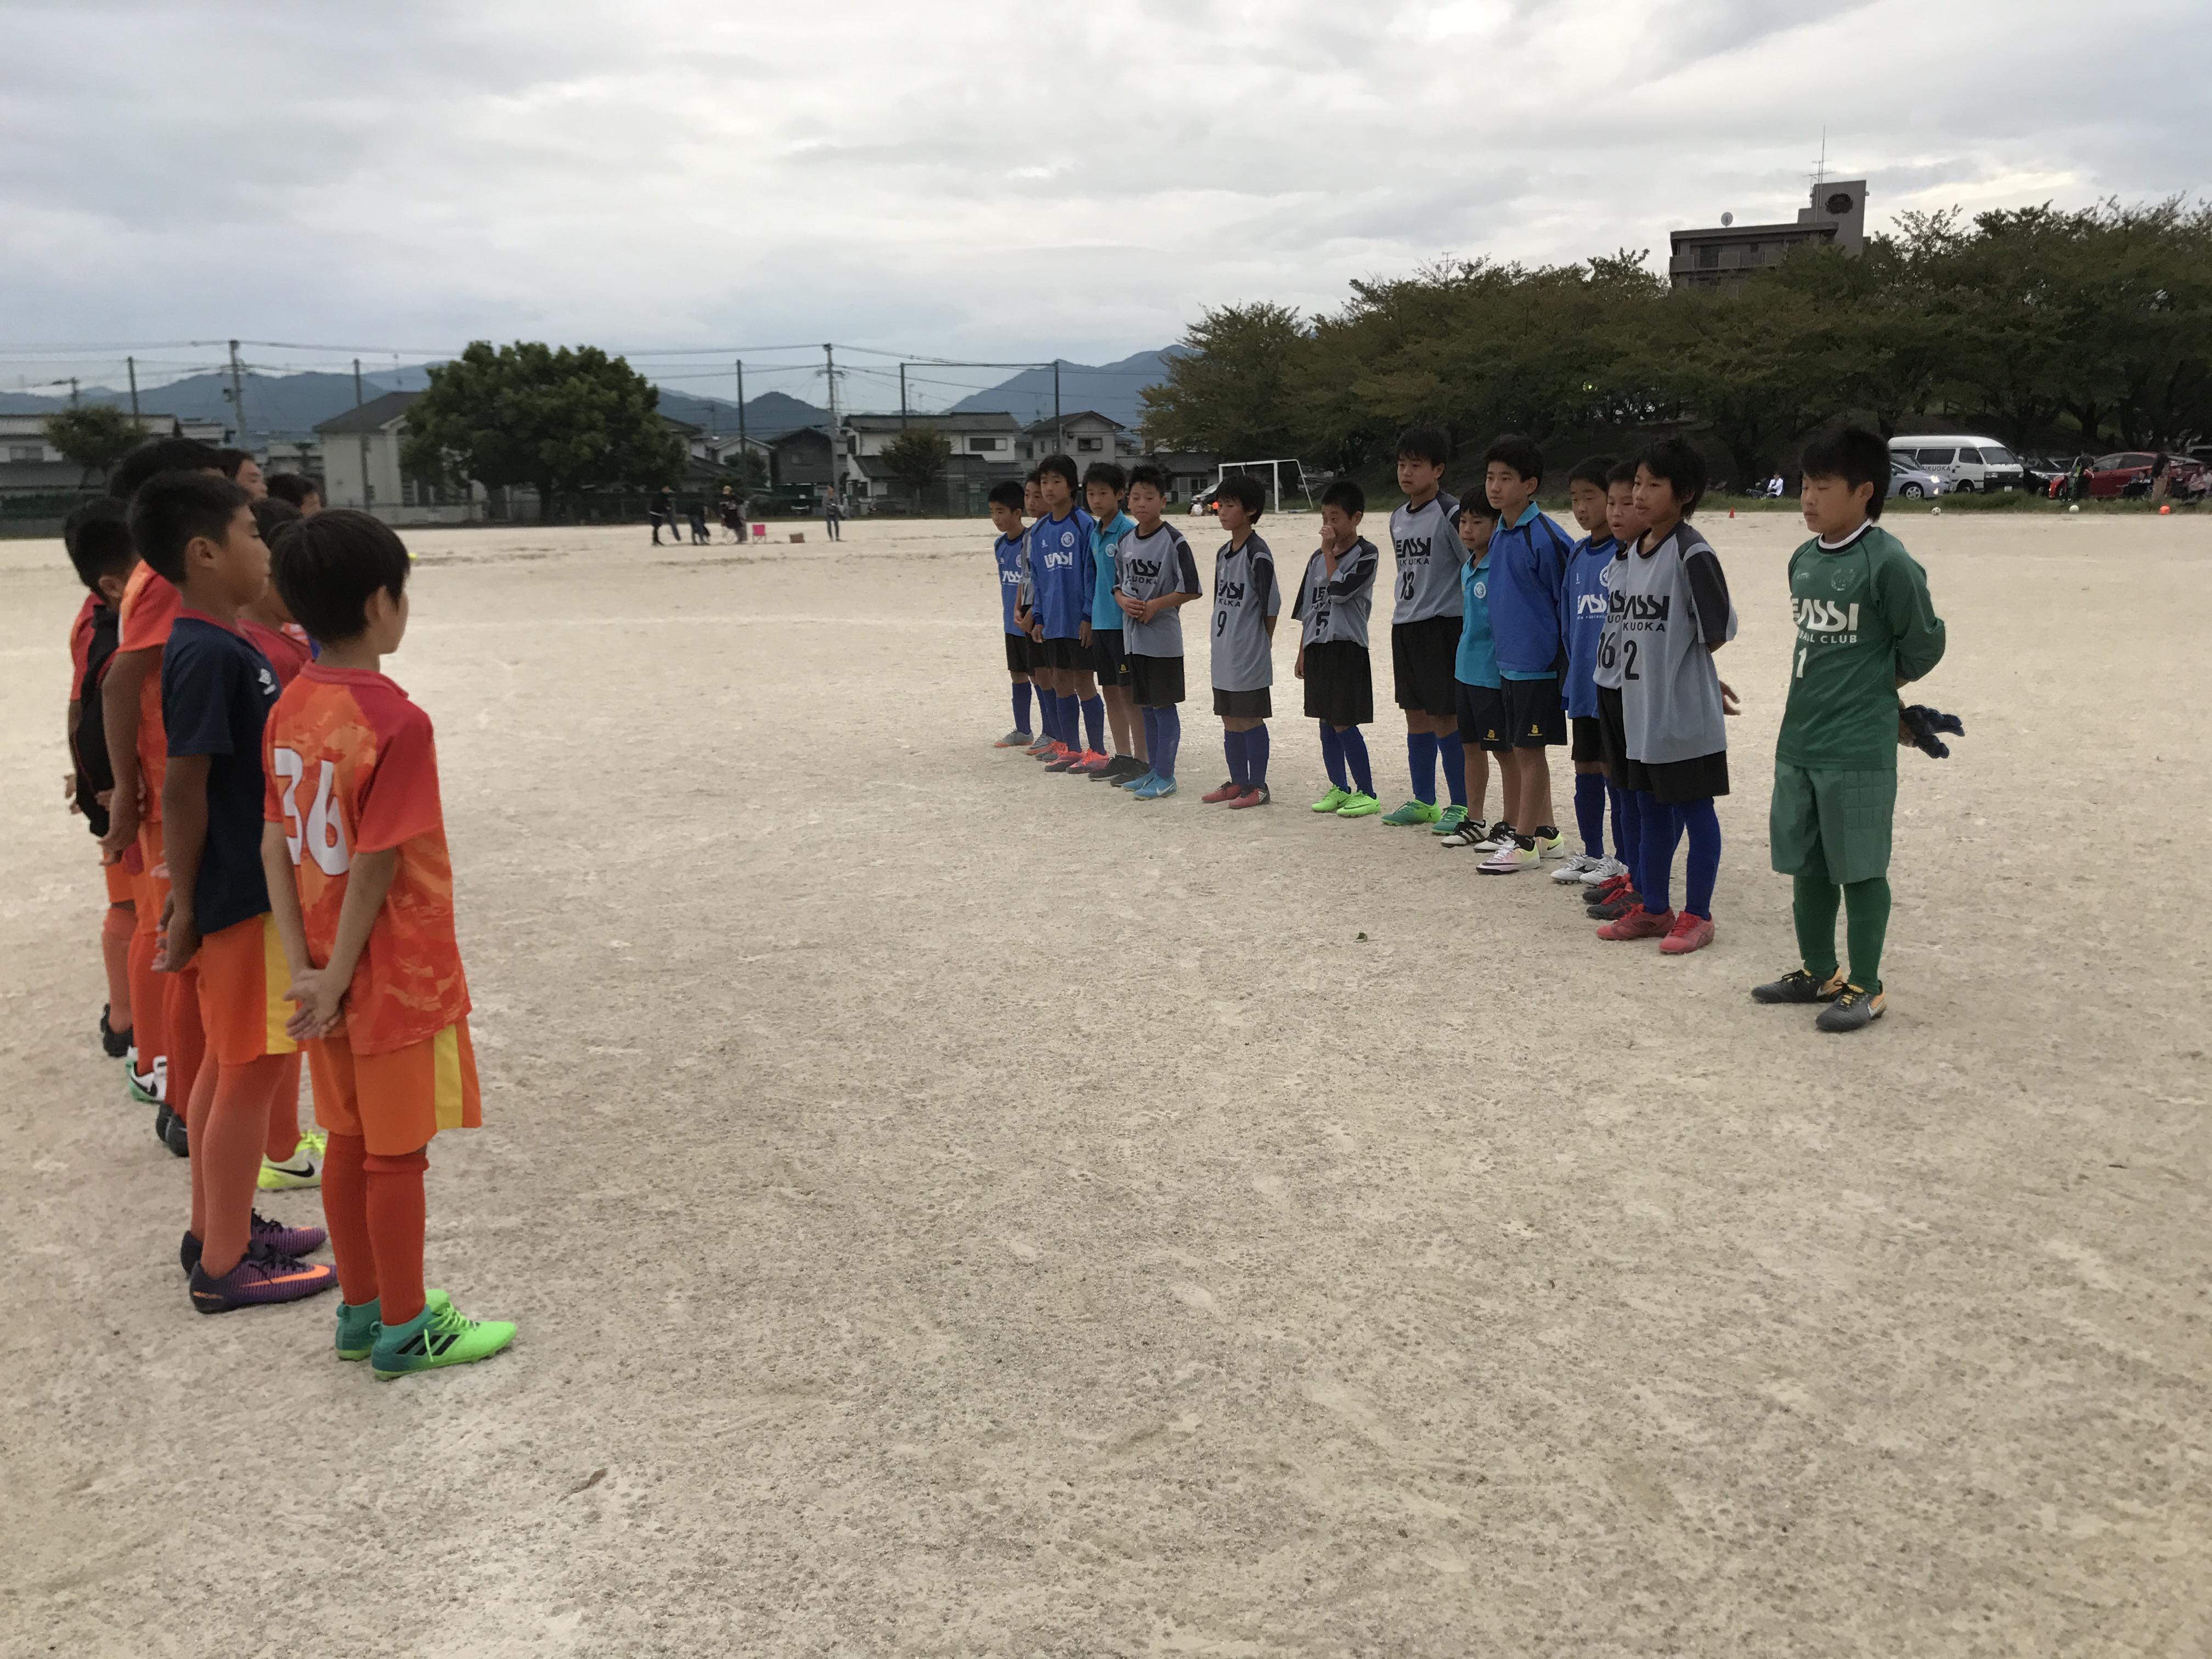 U12 vs エリア伊都 トレーニングマッチ 全日に向けて